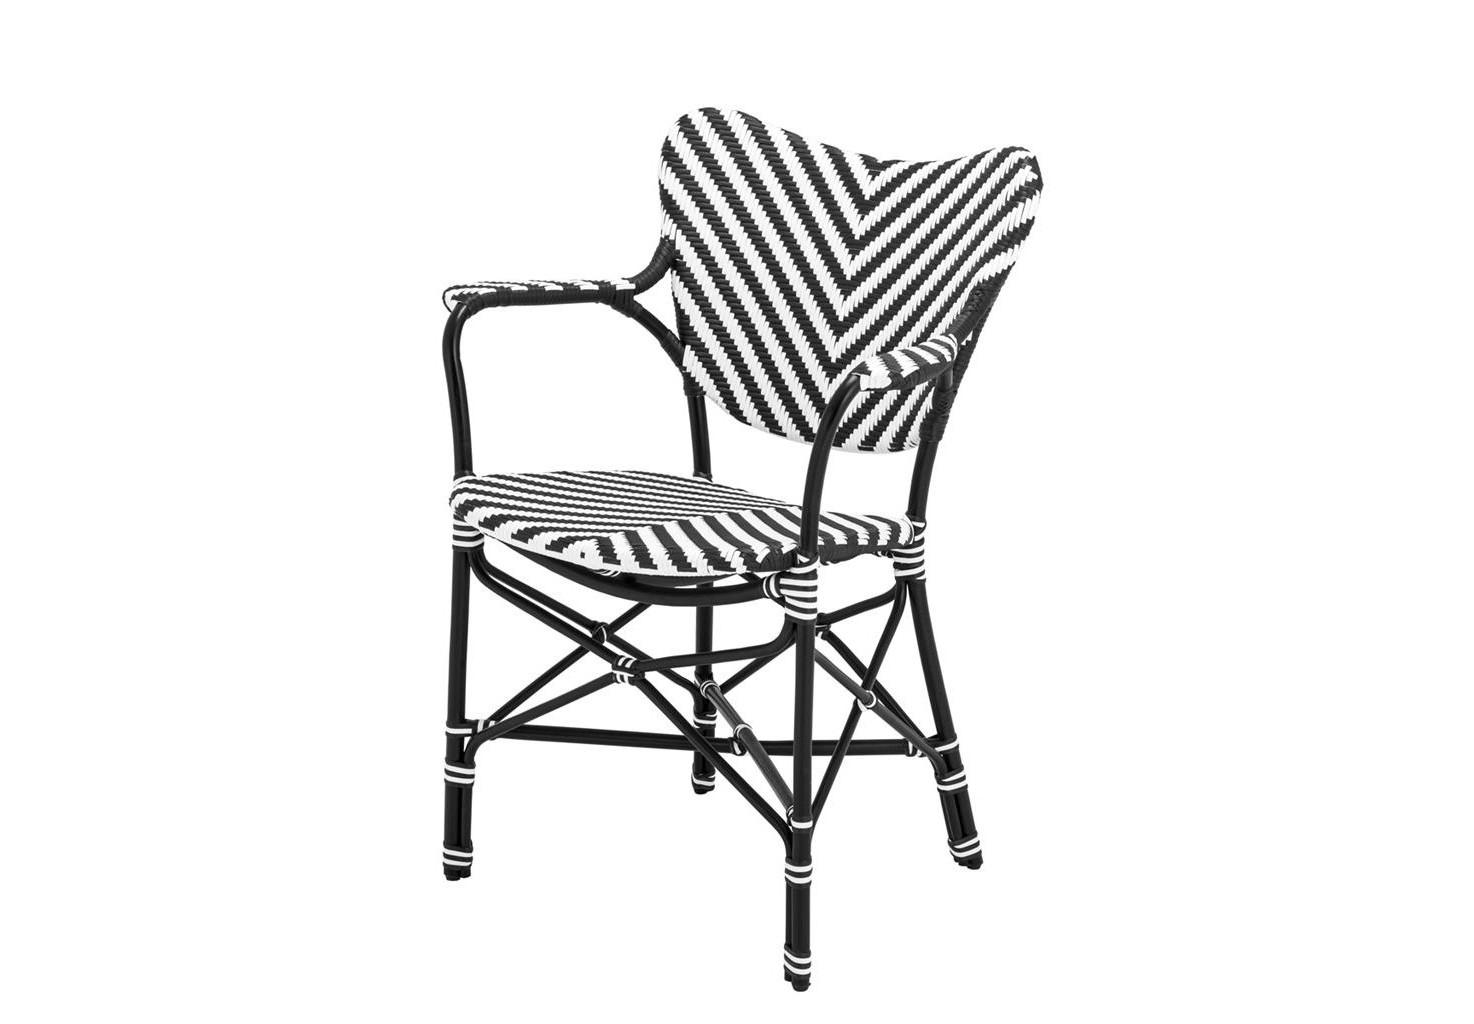 КреслоКресла для сада<br>Кресло Chair Colony выполнено из ротанга с черно-белым орнаментом.<br><br>Material: Ротанг<br>Width см: 63<br>Depth см: 54<br>Height см: 87